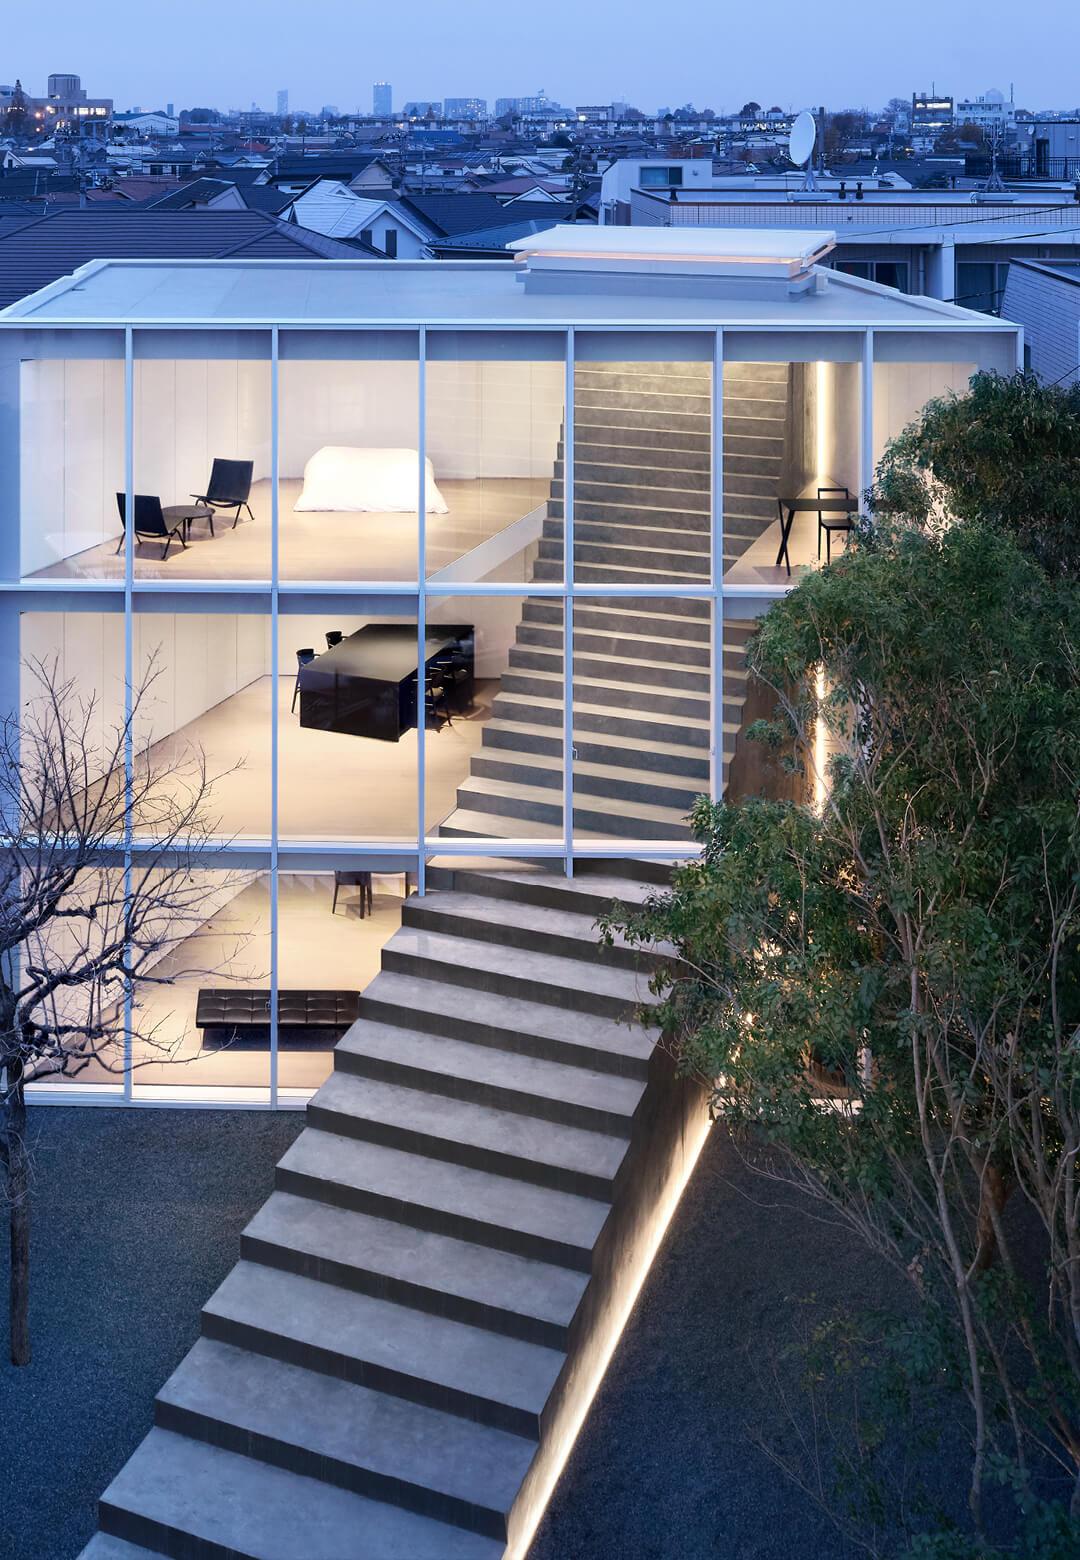 Stairway House in Tokyo by nendo | Tokyo | Nendo | STIRworld